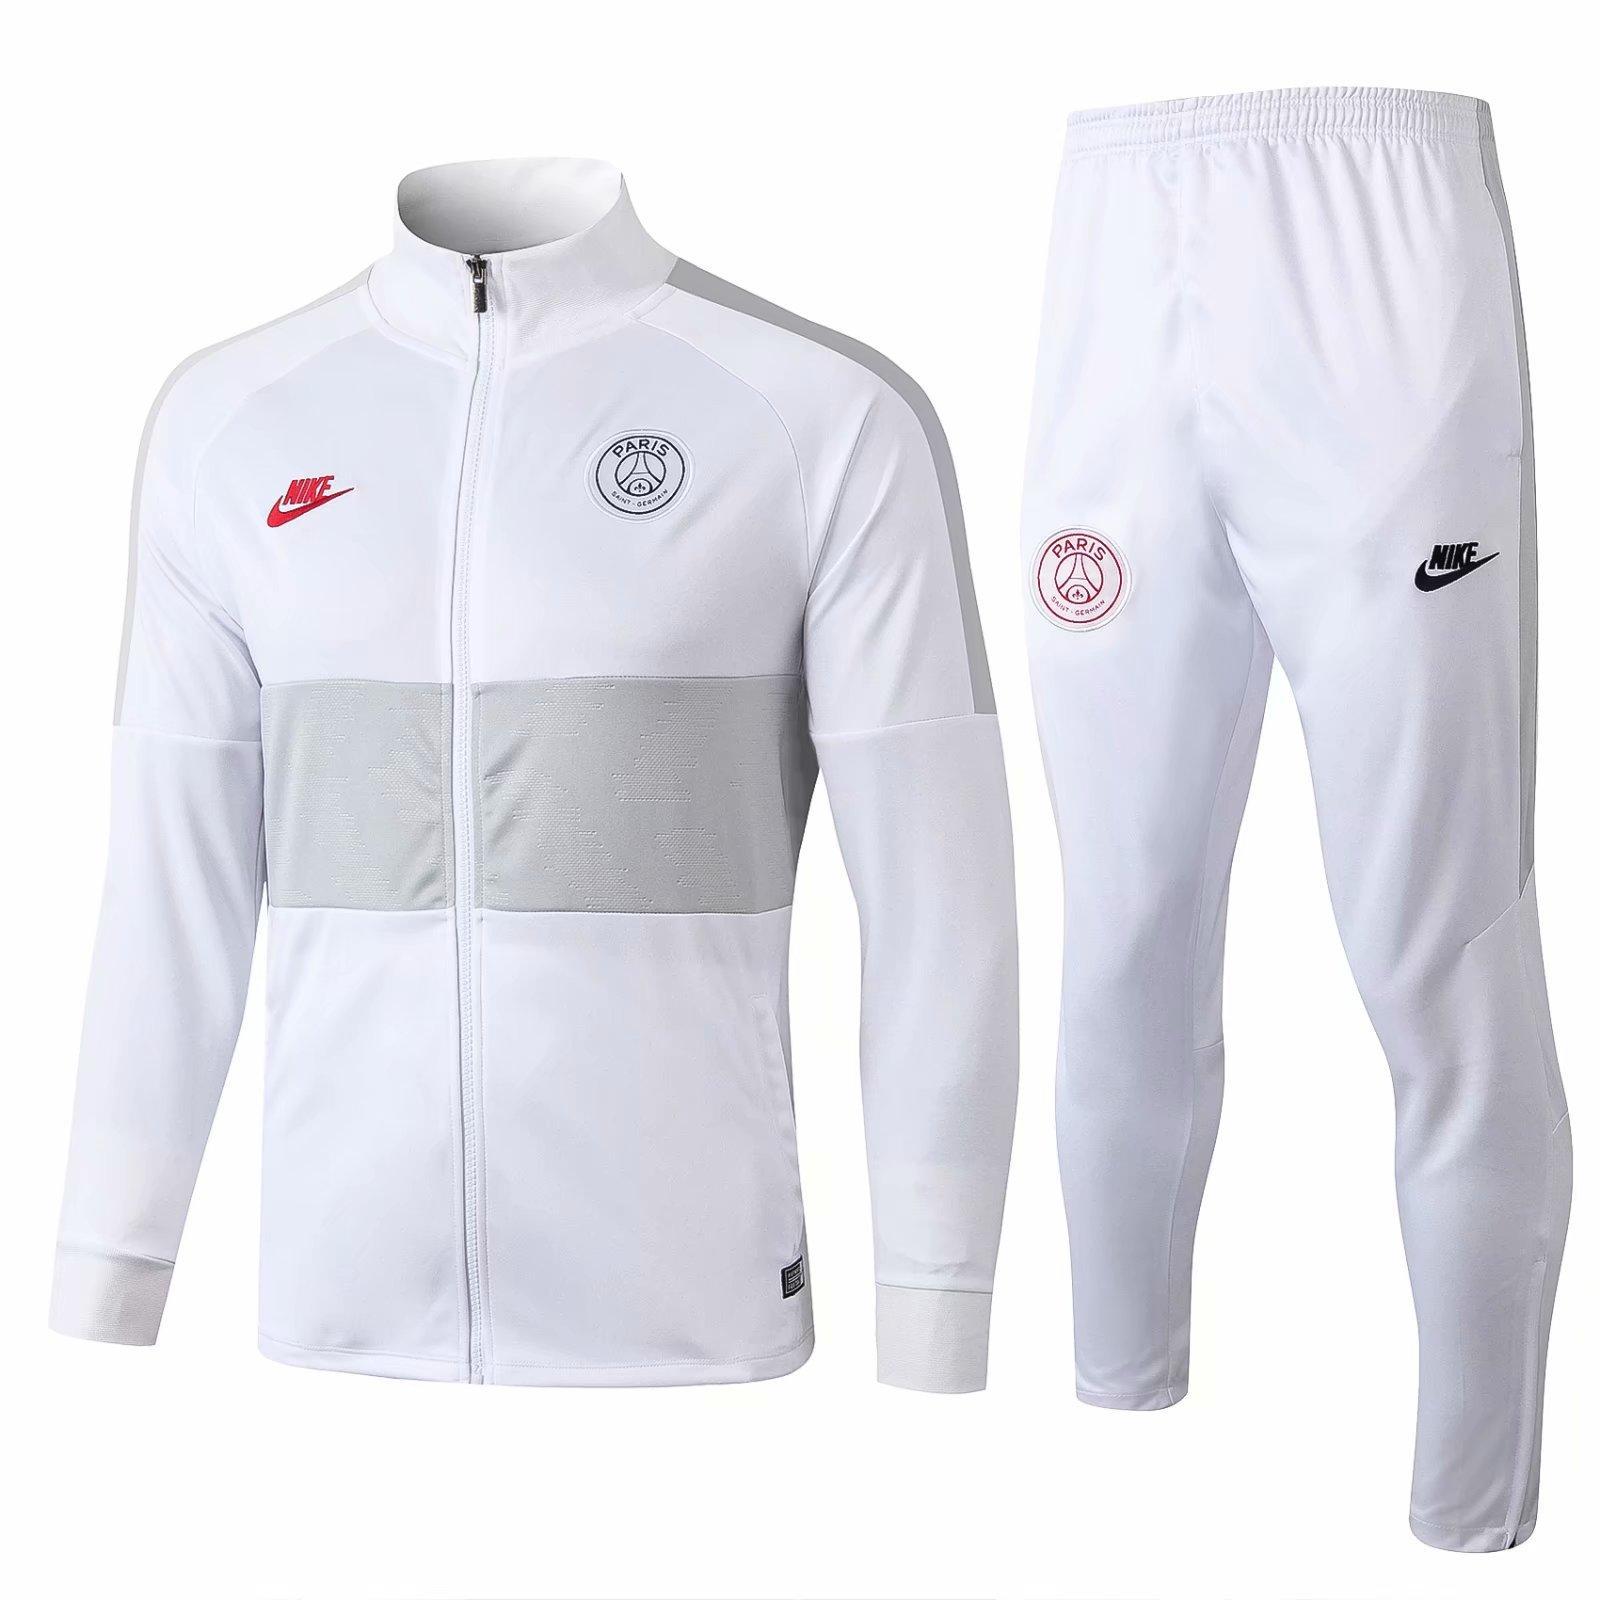 высокое качество 19 20 Paris мужские куртки 2019 PSG футбол костюм спортивная одежда футбол Джерси Кавани балахон Mbappe пальто пыли пальто ветровка